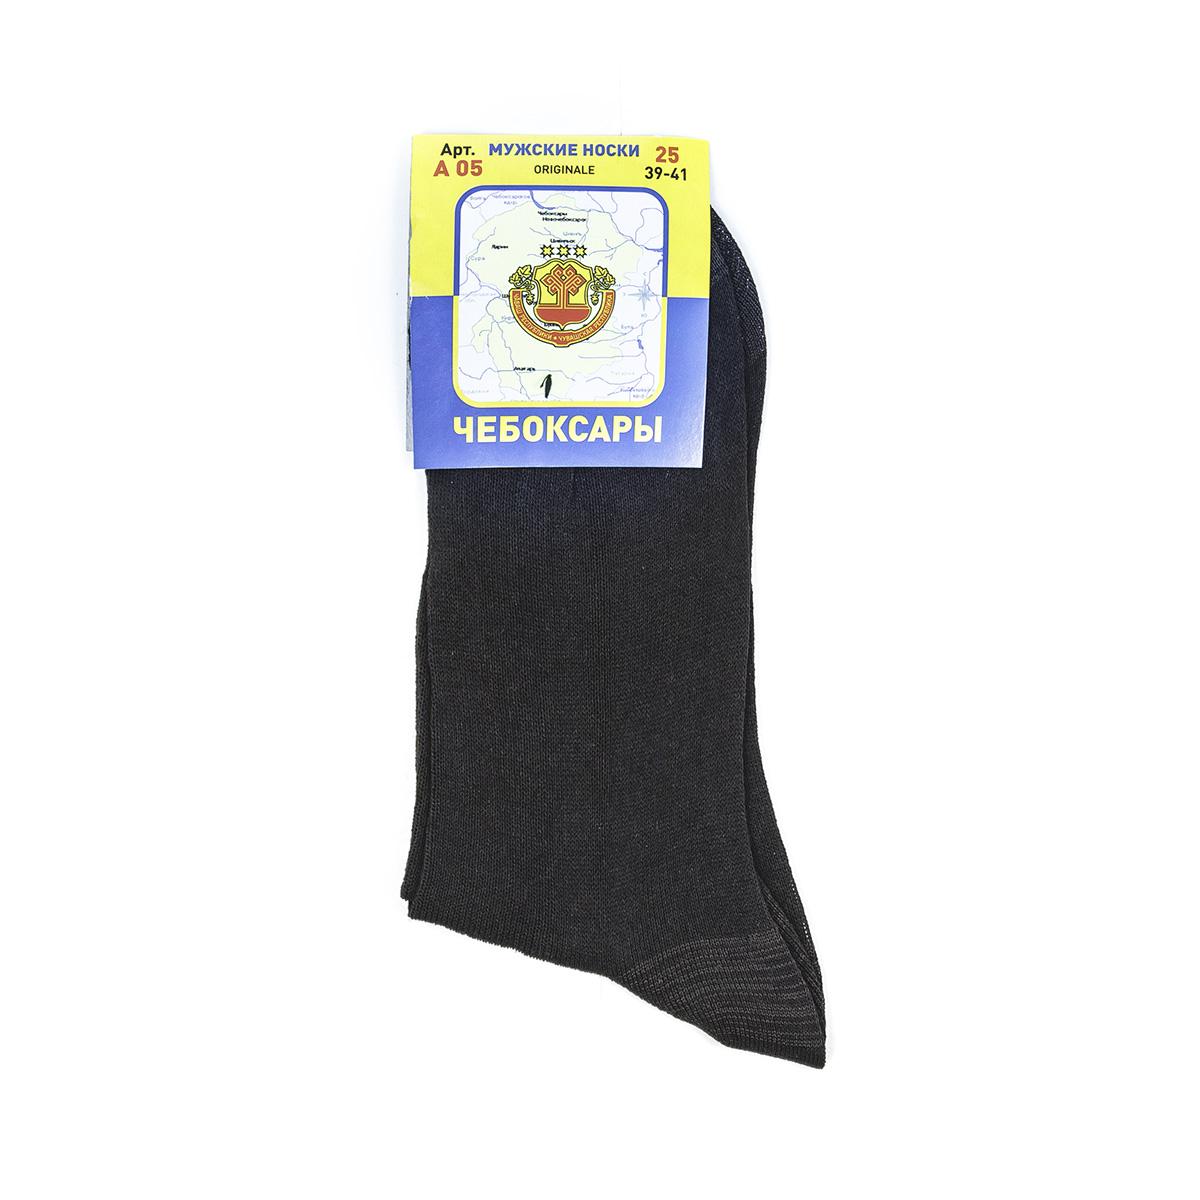 Носки мужские Чебоксары, размер 41-42Носки<br><br><br>Тип: Муж. носки<br>Размер: 41-42<br>Материал: Хлопок